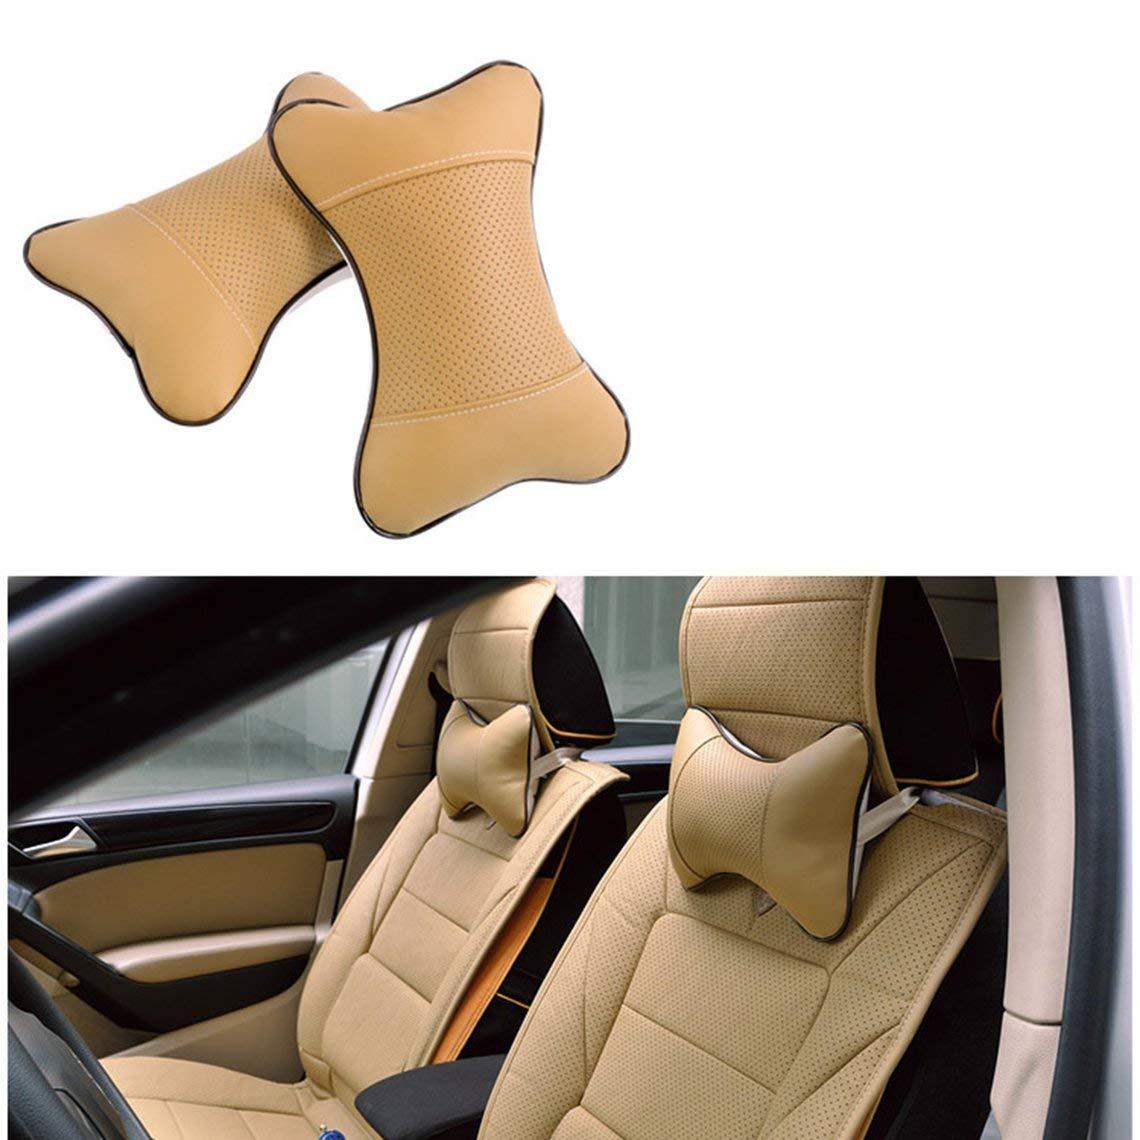 Momorain Auto-Kopfst/ütze Four Seasons Universal-Danny Auto-Kopfst/ütze gestickter Knochen Kissen Nackenkissen Automotive Interior Produkte